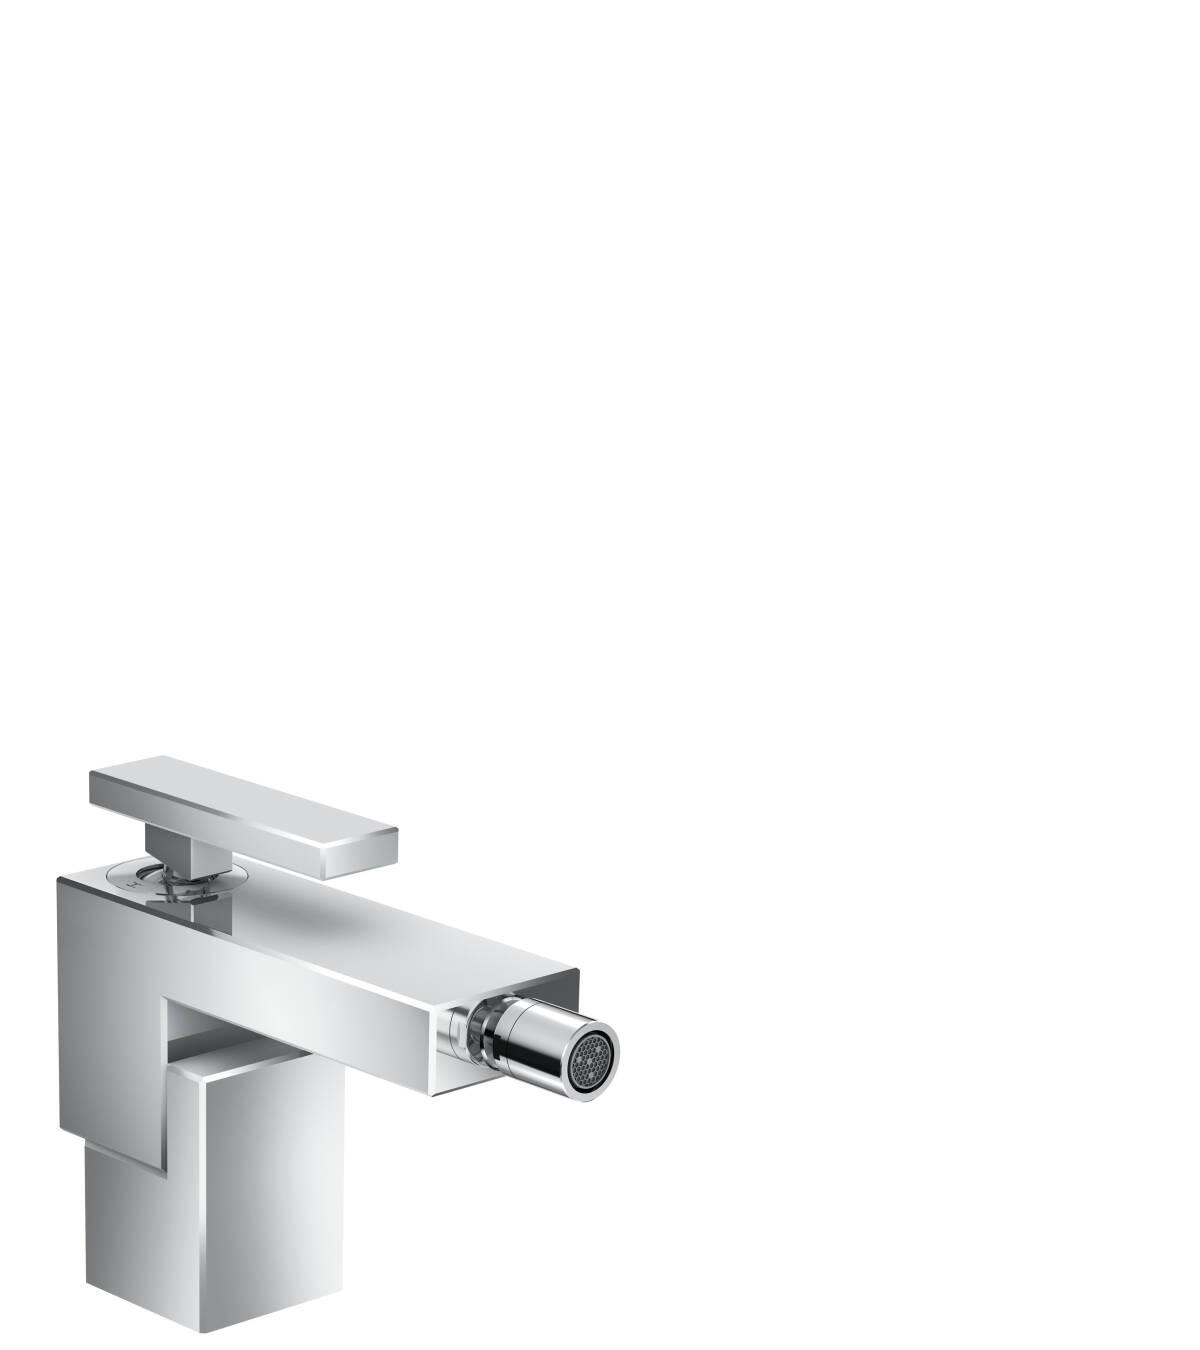 Einhebel-Bidetmischer mit Push-Open Ablaufgarnitur, Chrom, 46210000